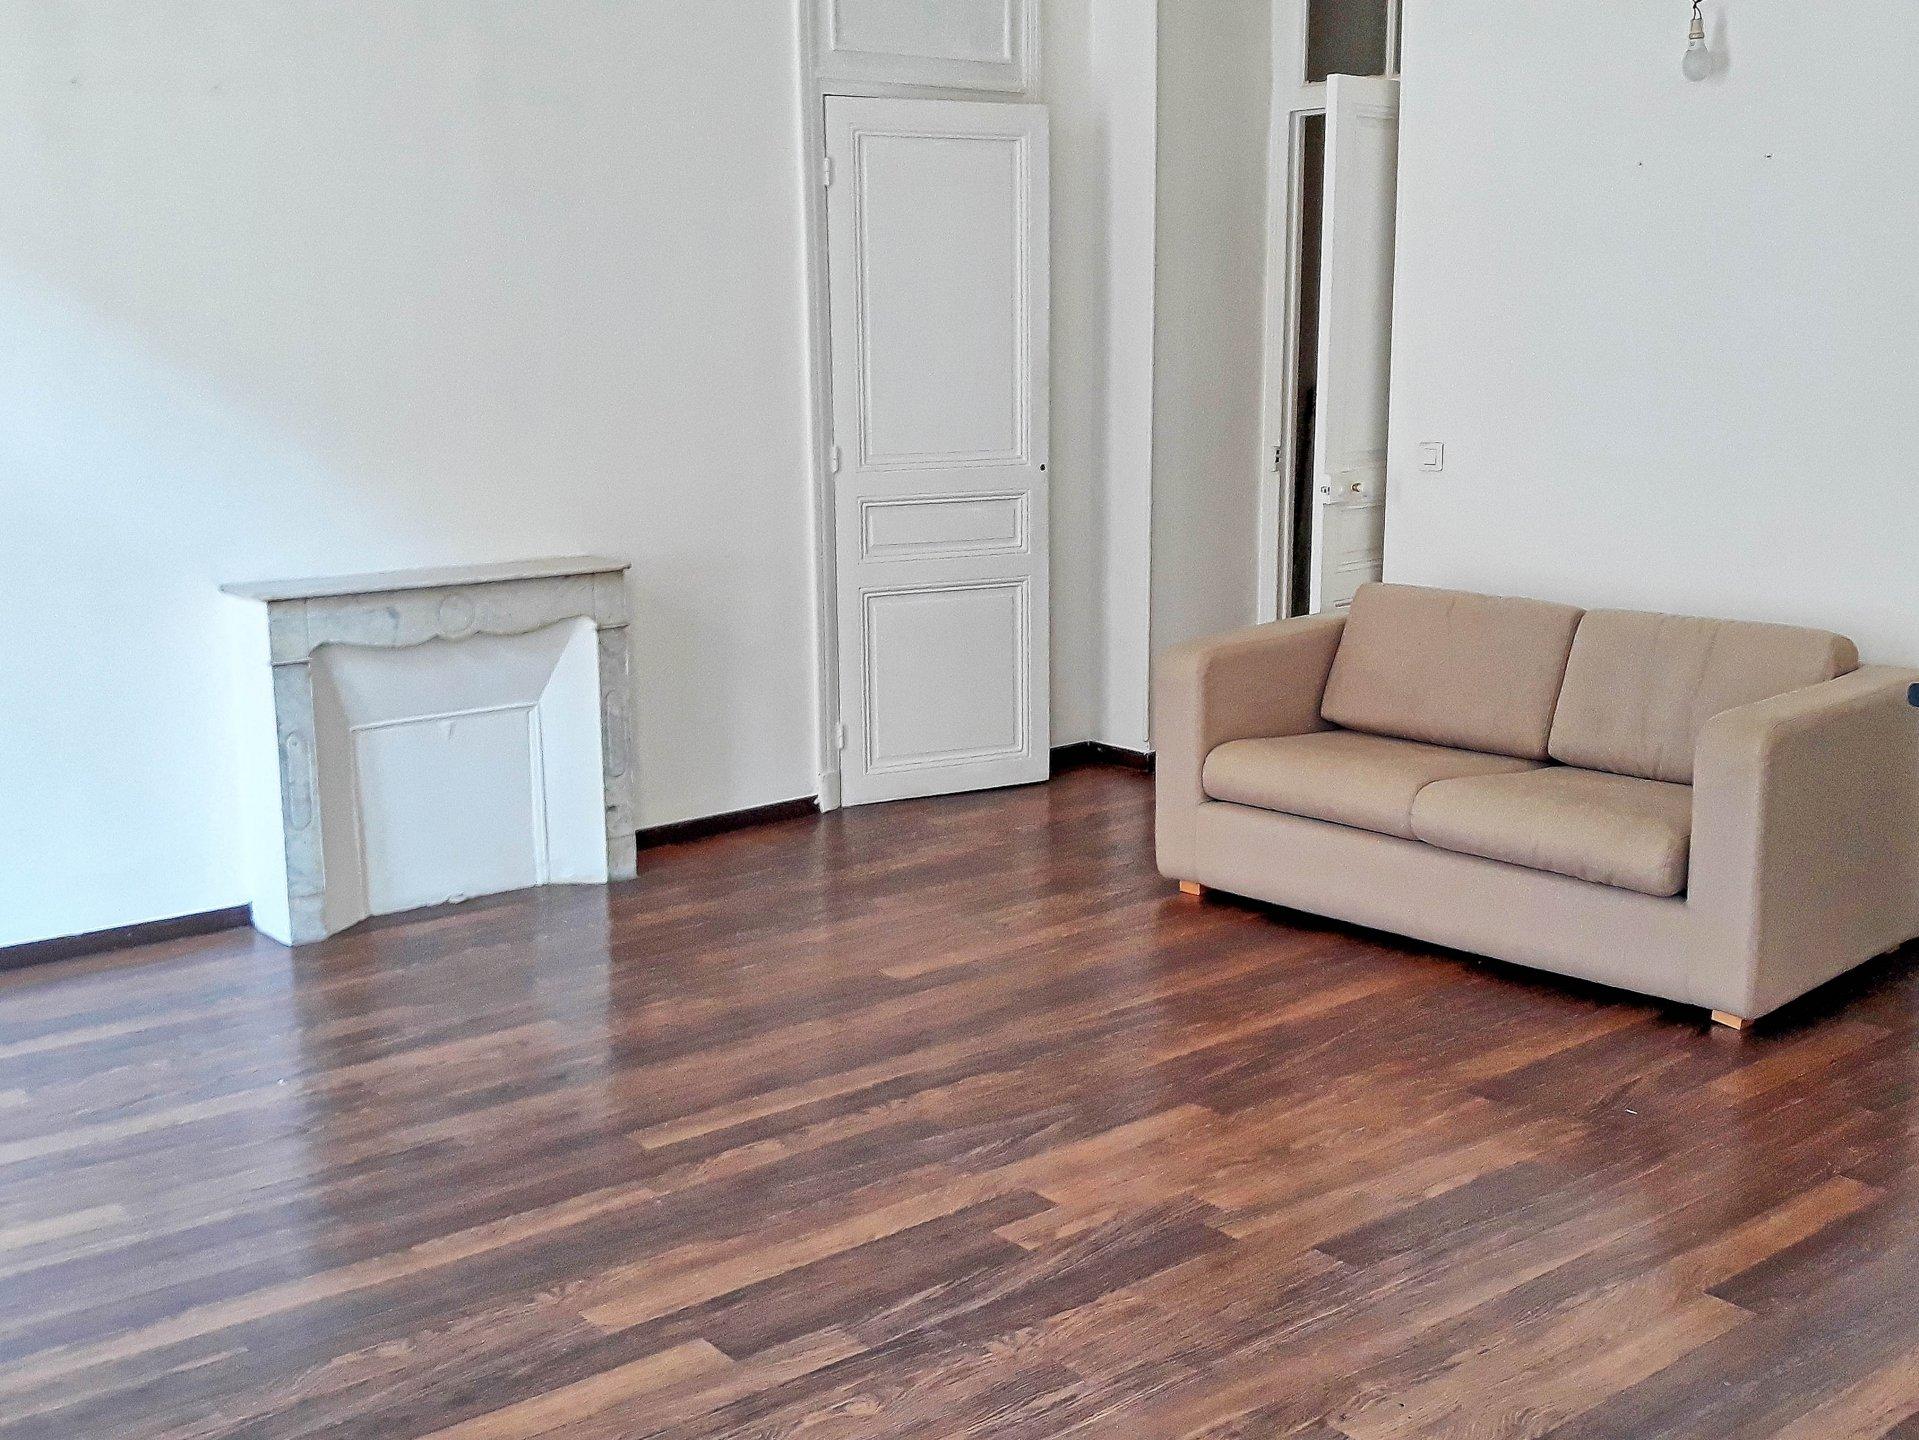 Appartement, 3 pièces, spacieux, Musiciens, immeuble ancien, balcon